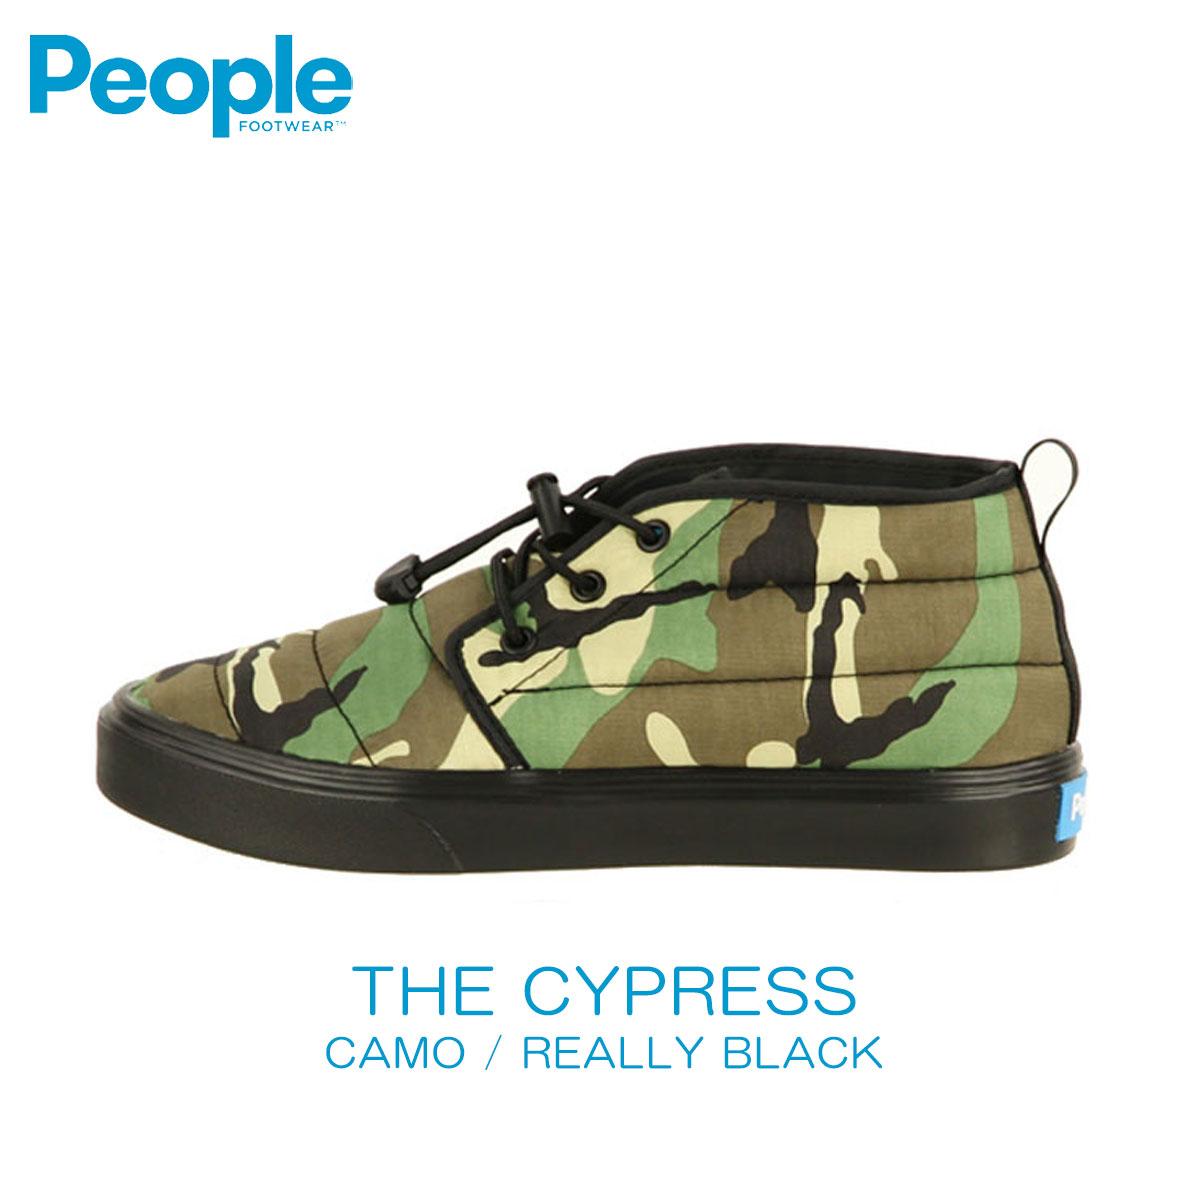 ピープルフットウェア People Footwear 正規品 メンズ 靴 シューズ THE CYPRESS NC08-012 CAMO / REALLY BLACK